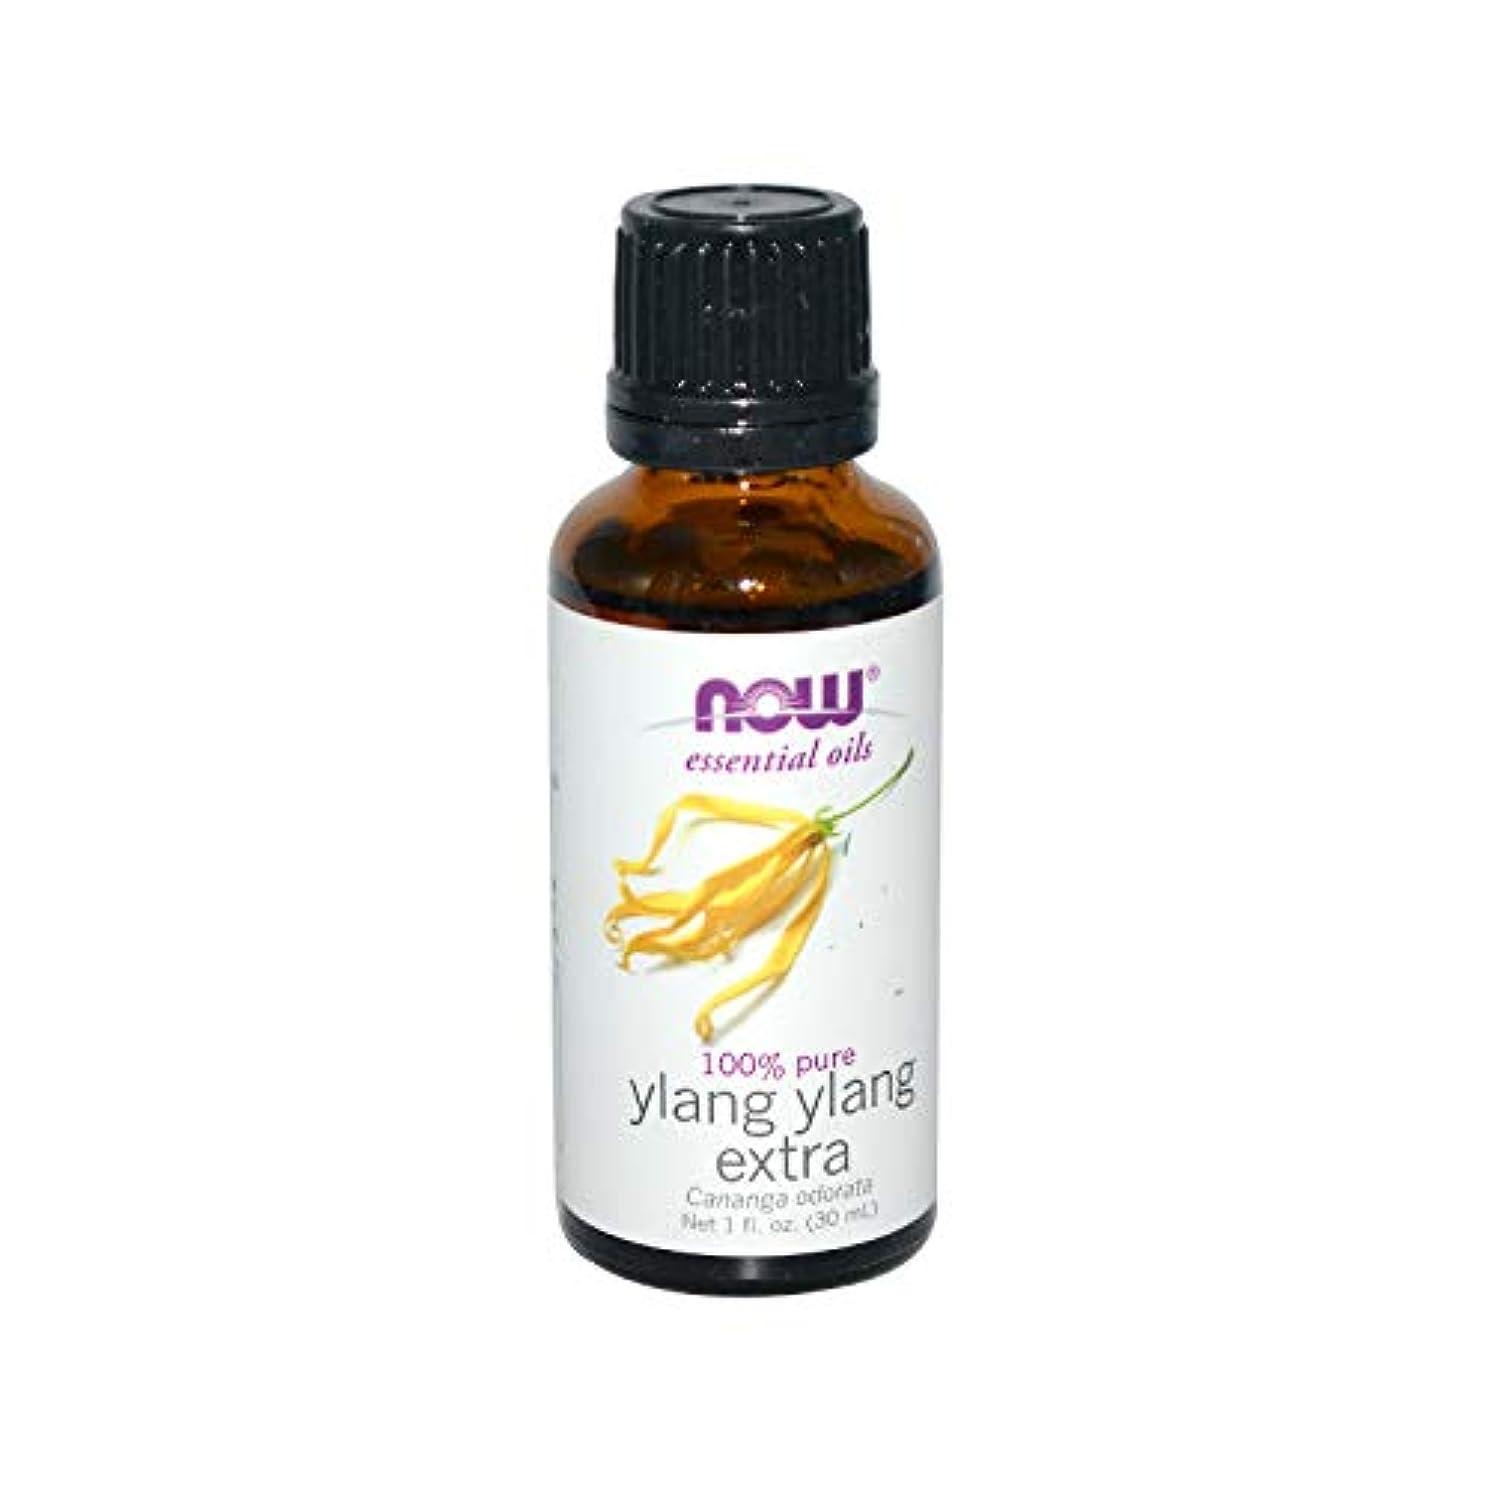 バラエティアライメント切断する海外直送品 Now Foods Ylang Ylang Oil, 1 OZ